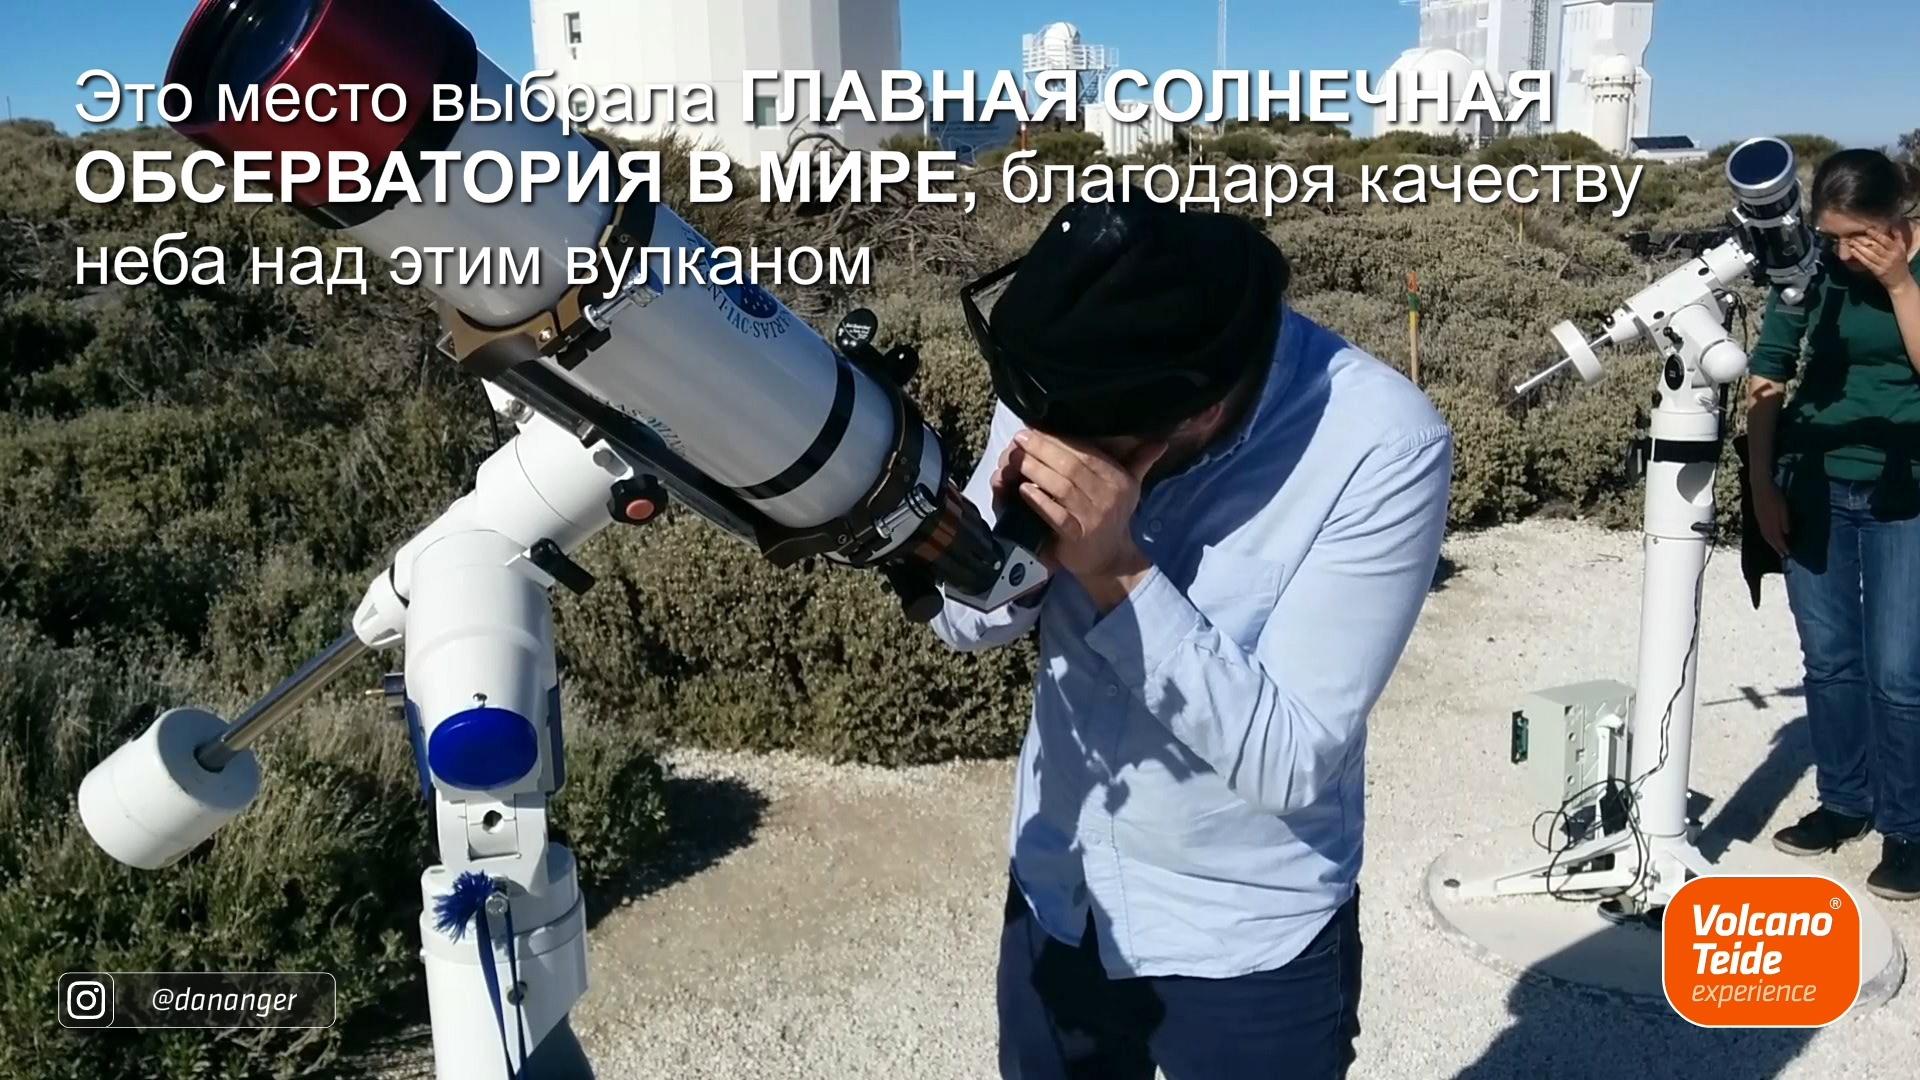 Как можно посетить Обсерваторию Тейде?